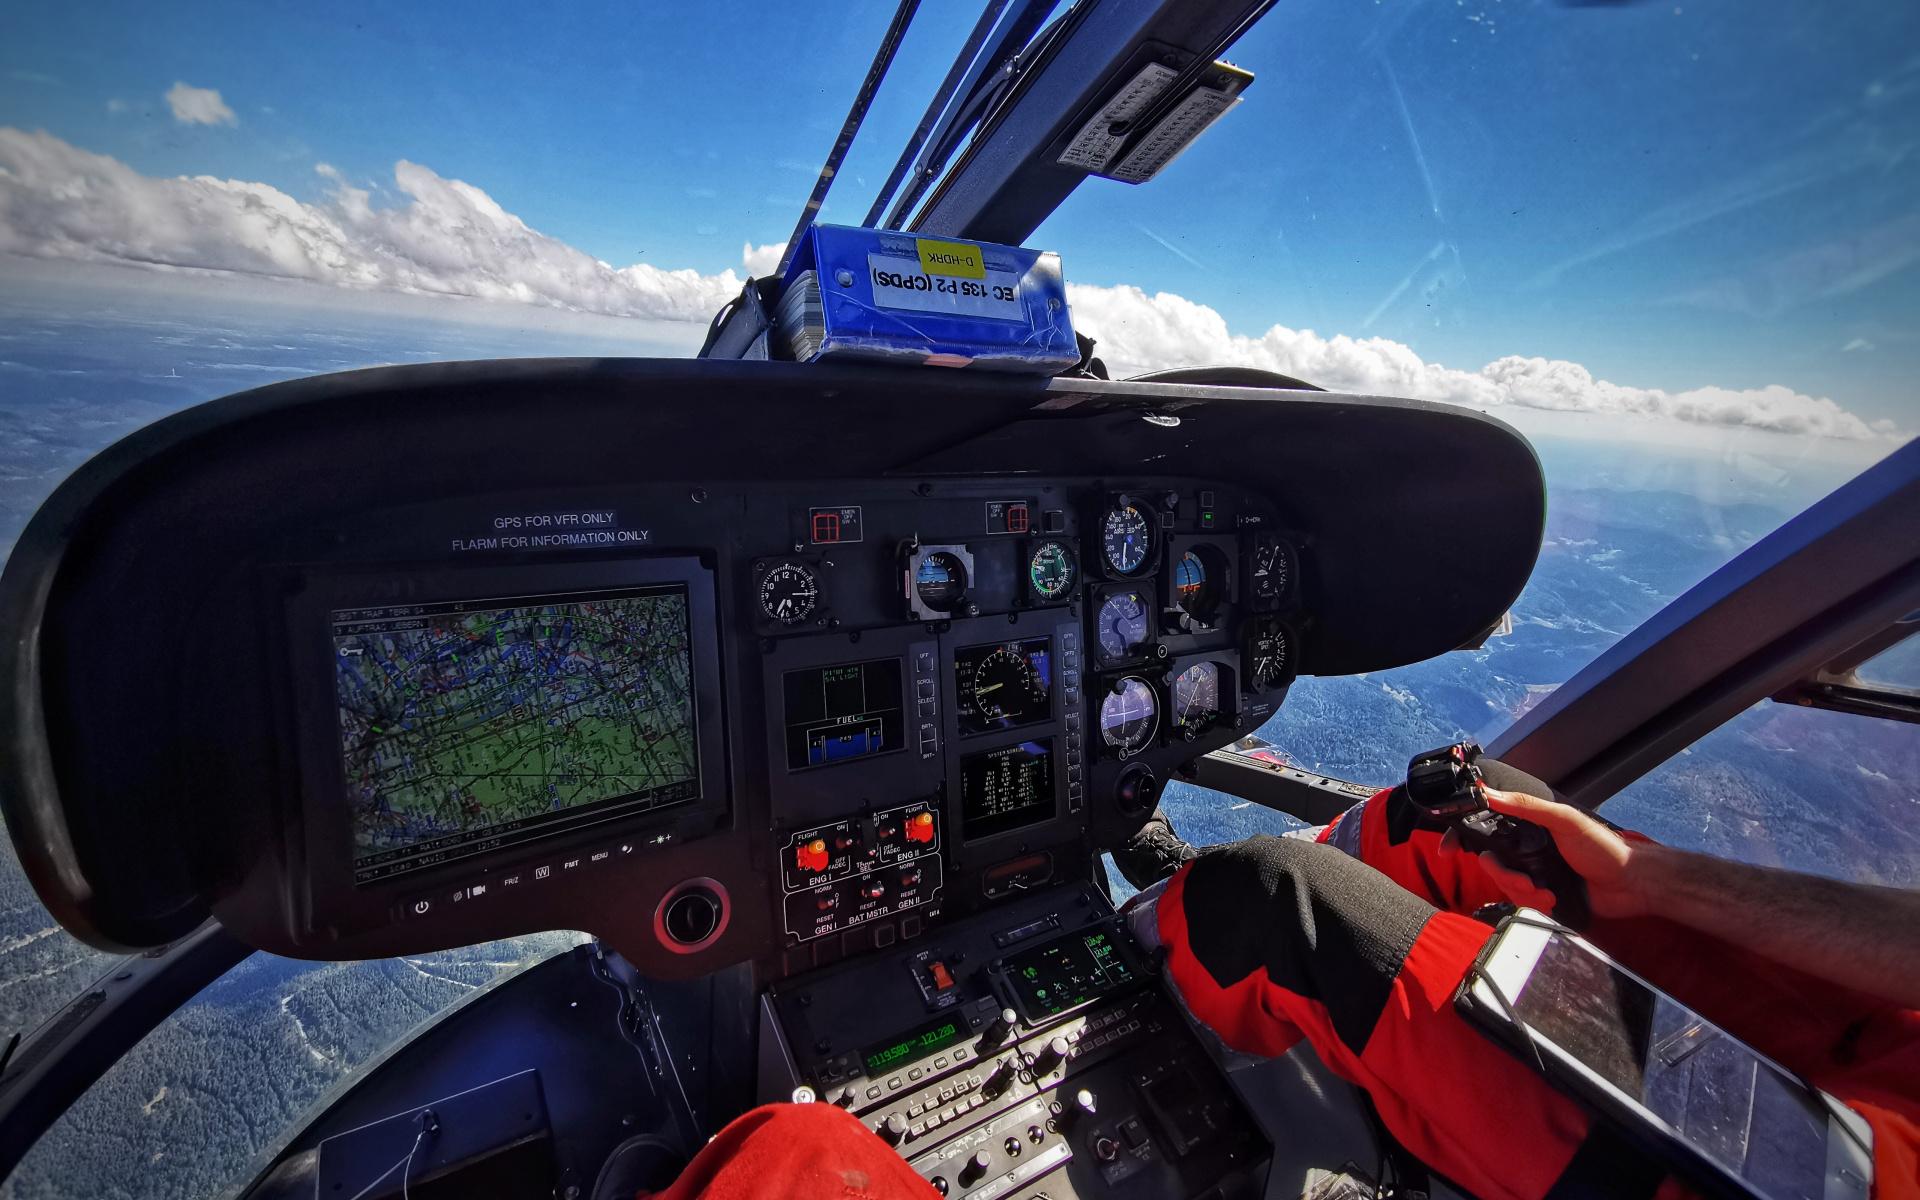 An die Grenzen: Nach dem Start müssen gewisse Flugmanöver absolviert werden – zum Beispiel ein Flug in einer Höhe von 9.500 Fuß, sprich knapp 3.000m über Meeresniveau. Außerdem muss die Drehzahl der Rotoren des Hubschraubers an definierte Grenzbereiche gebracht werden.